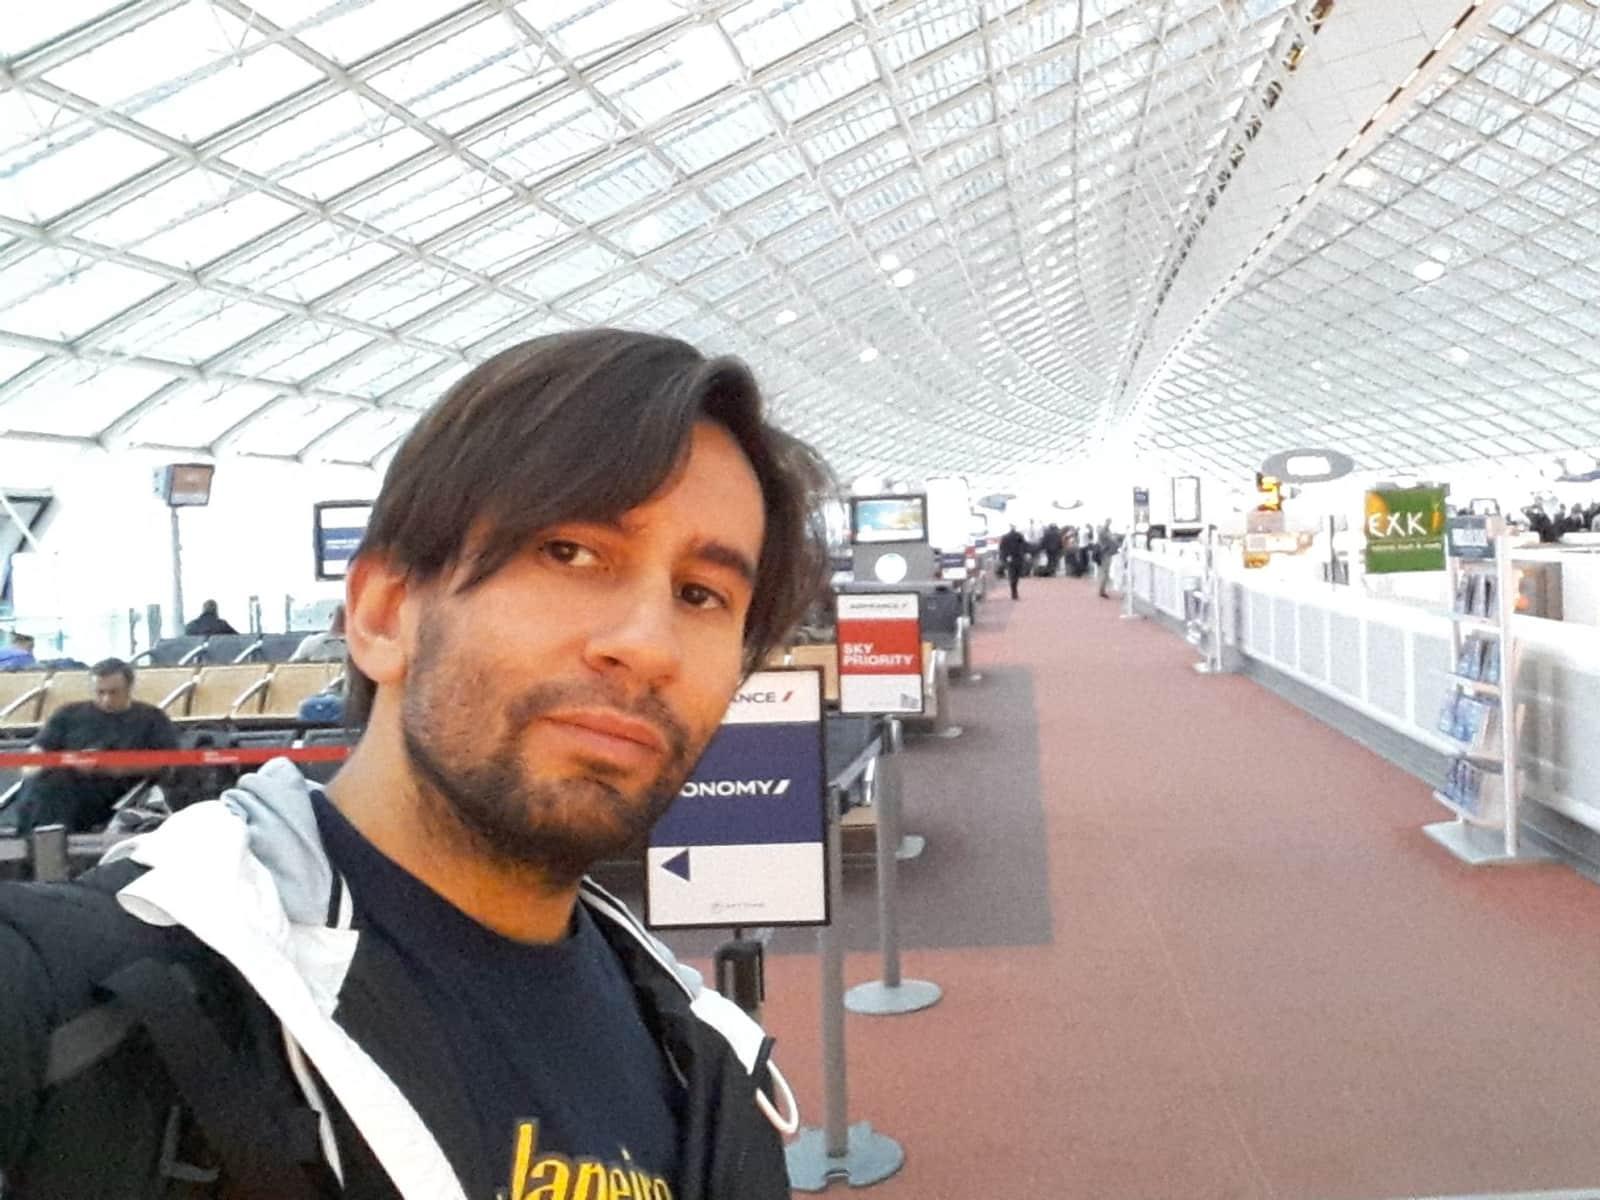 Manuel from Bahía Blanca, Argentina